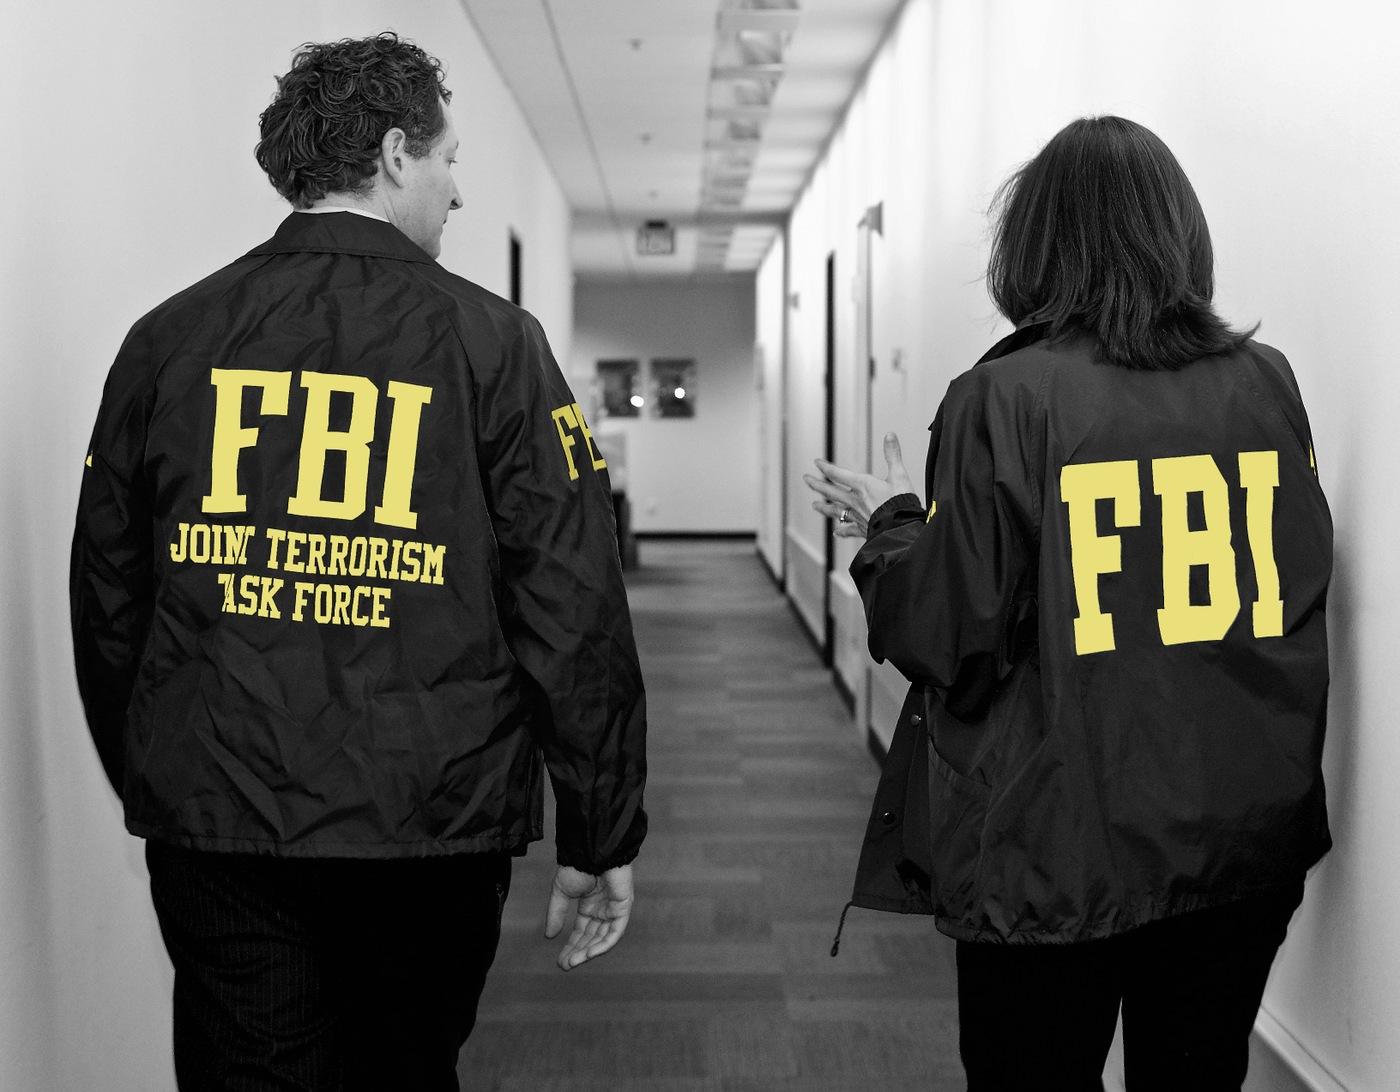 Lực lượng đặc nhiệm của FBI nhắm đến các băng nhóm tội phạm châu Á tại miền Nam California